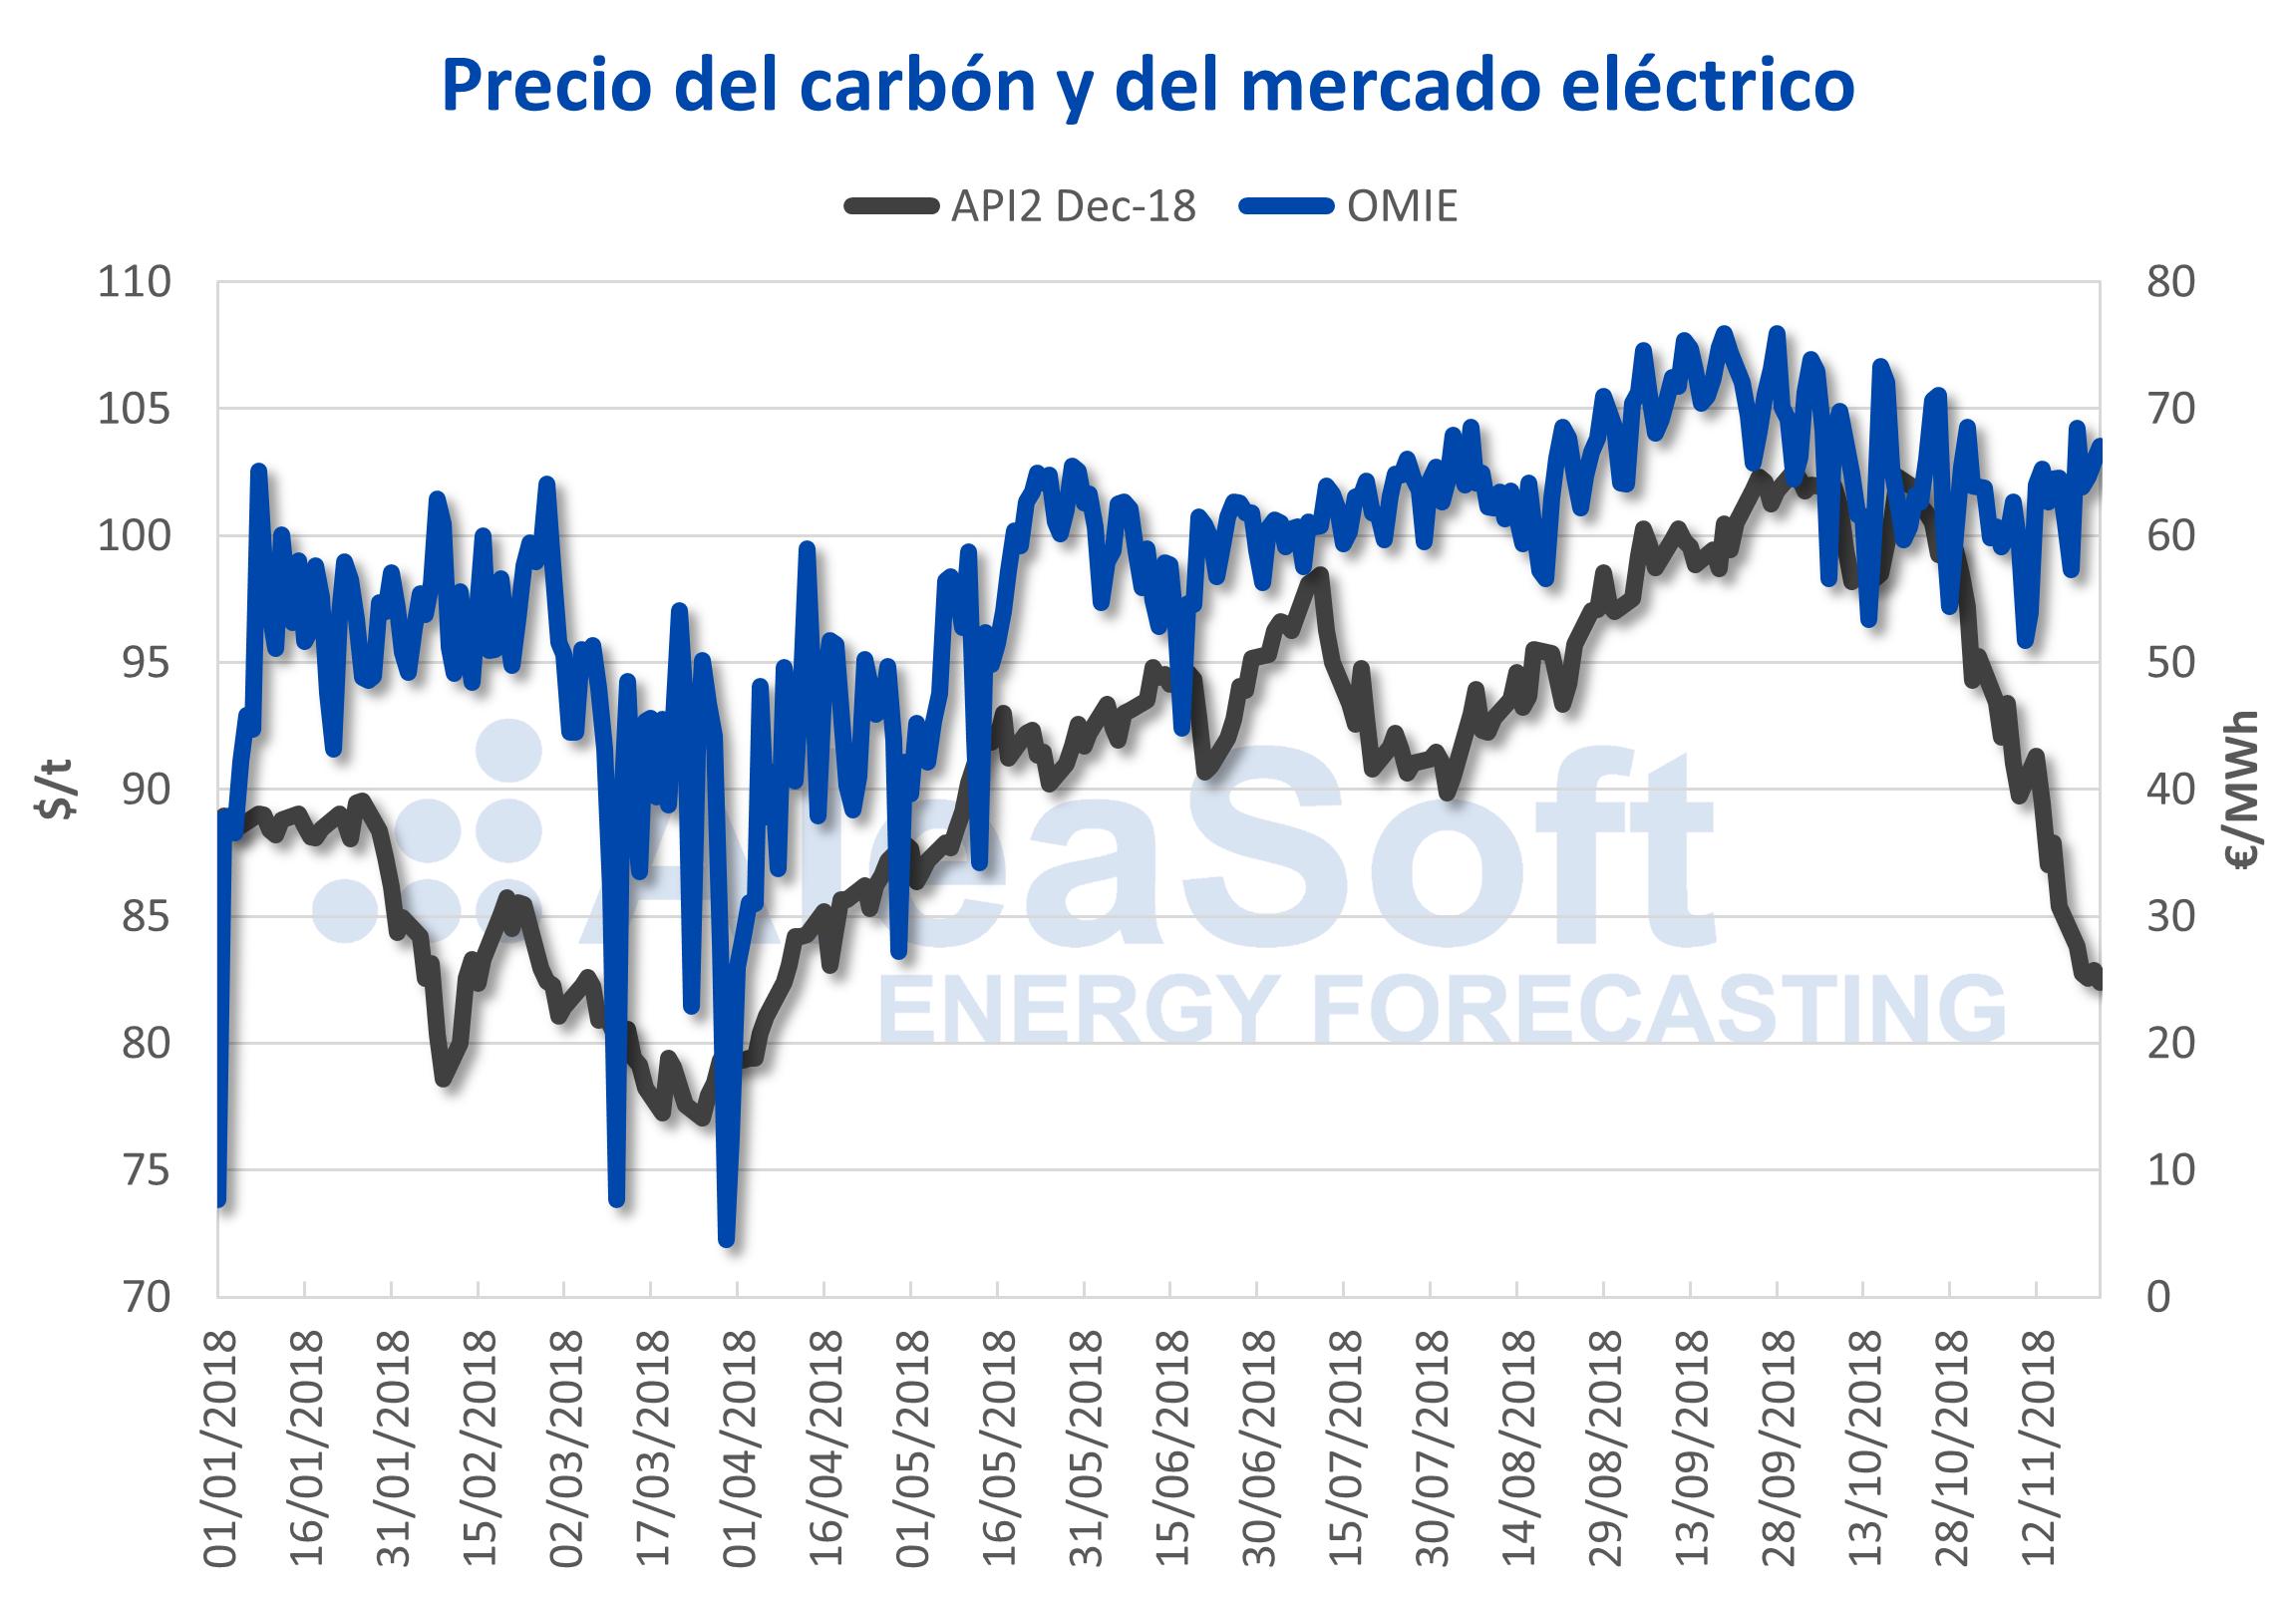 AleaSoft - Precio del carbón y del mercado eléctrico